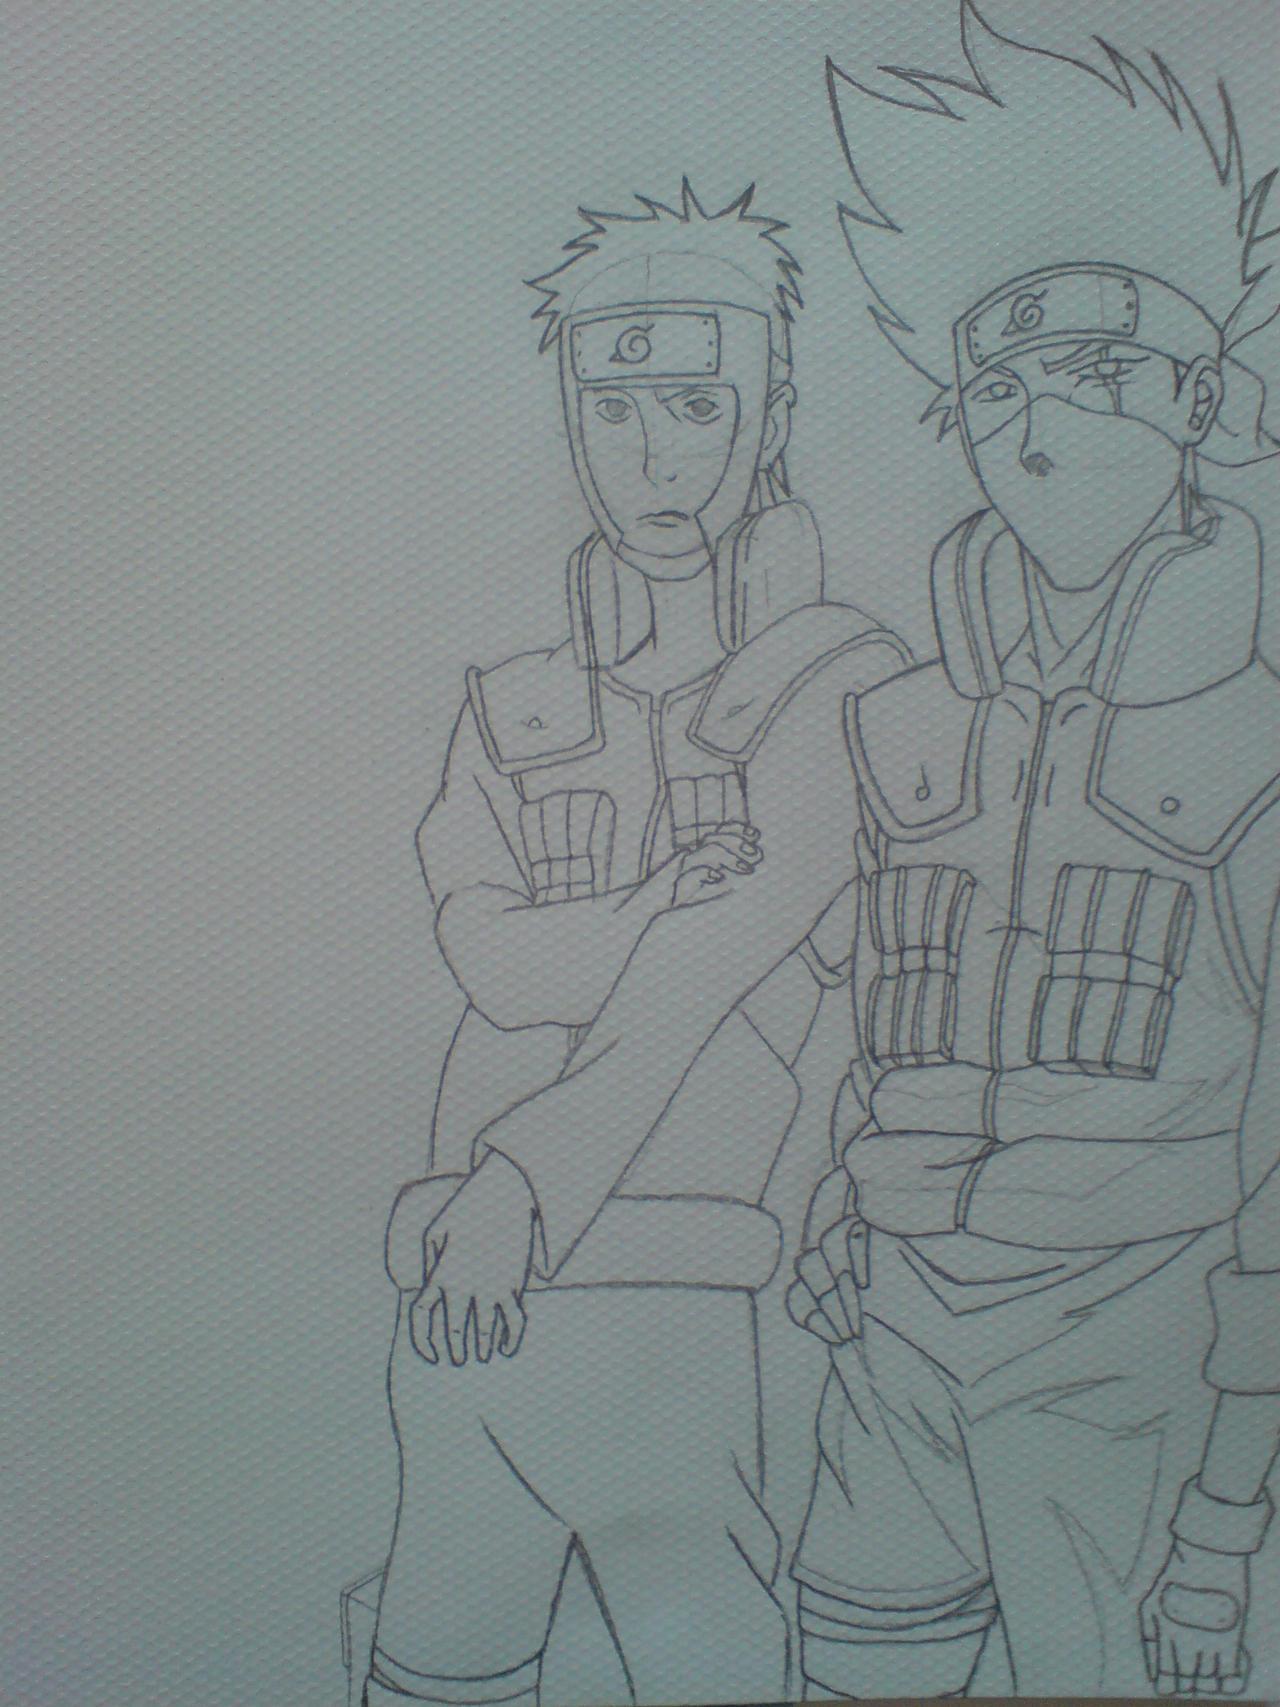 Kakashi and Yamato 2008 by GHussain